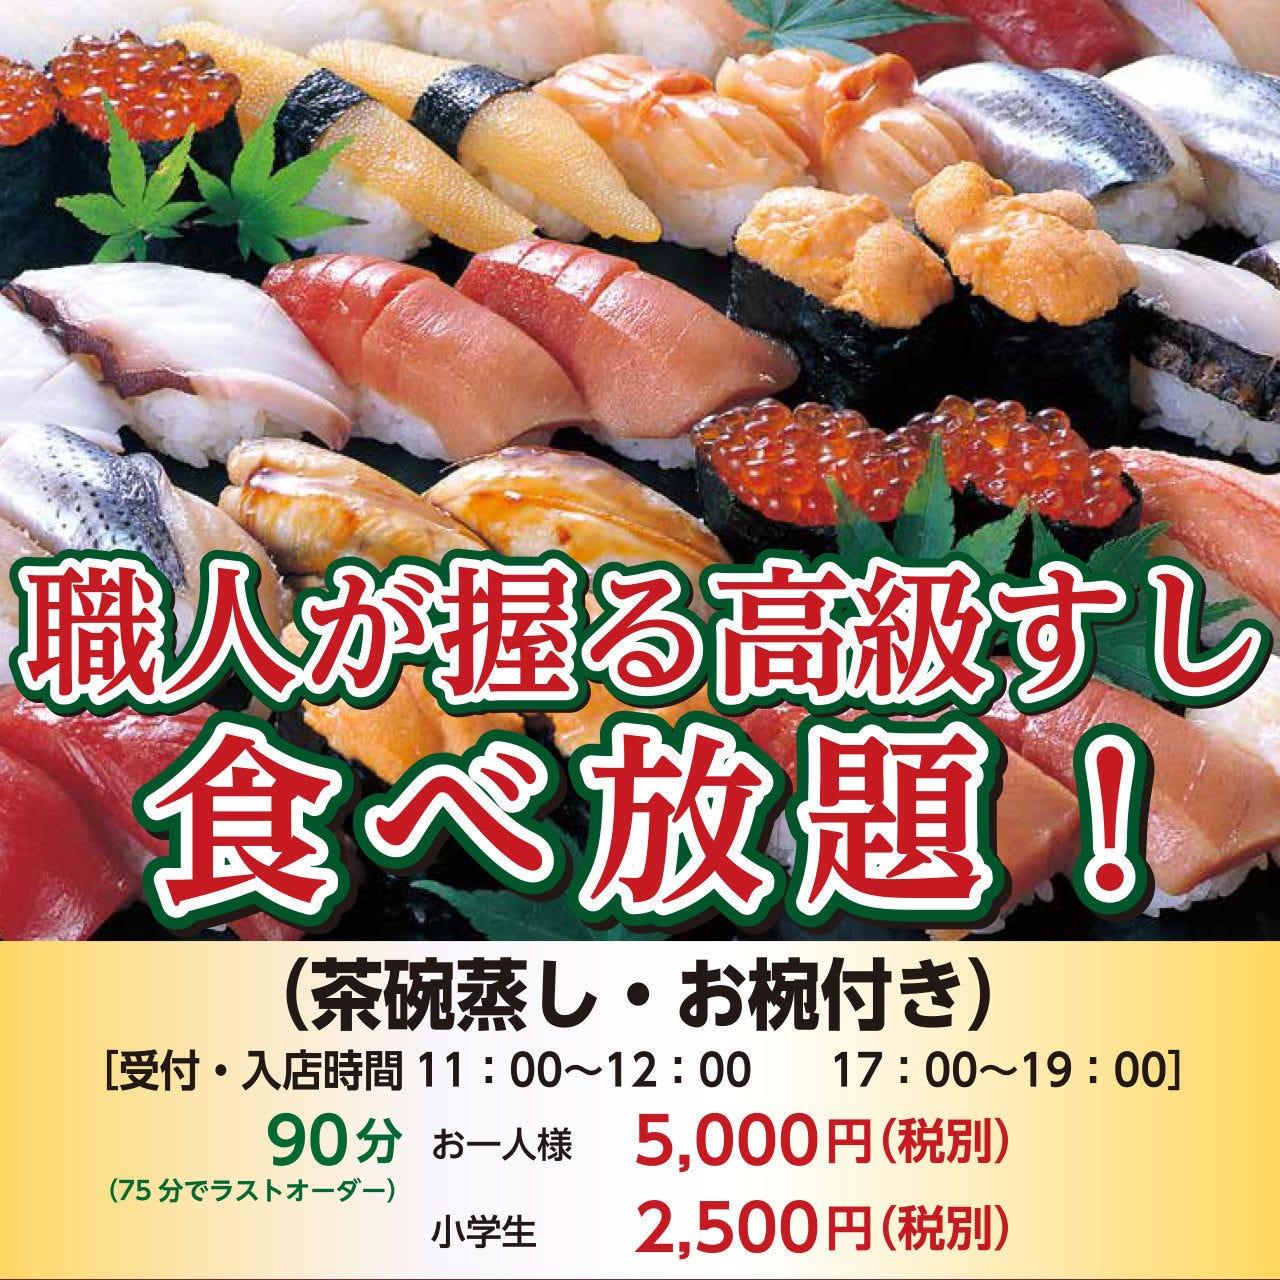 海鮮の國 波奈 本店